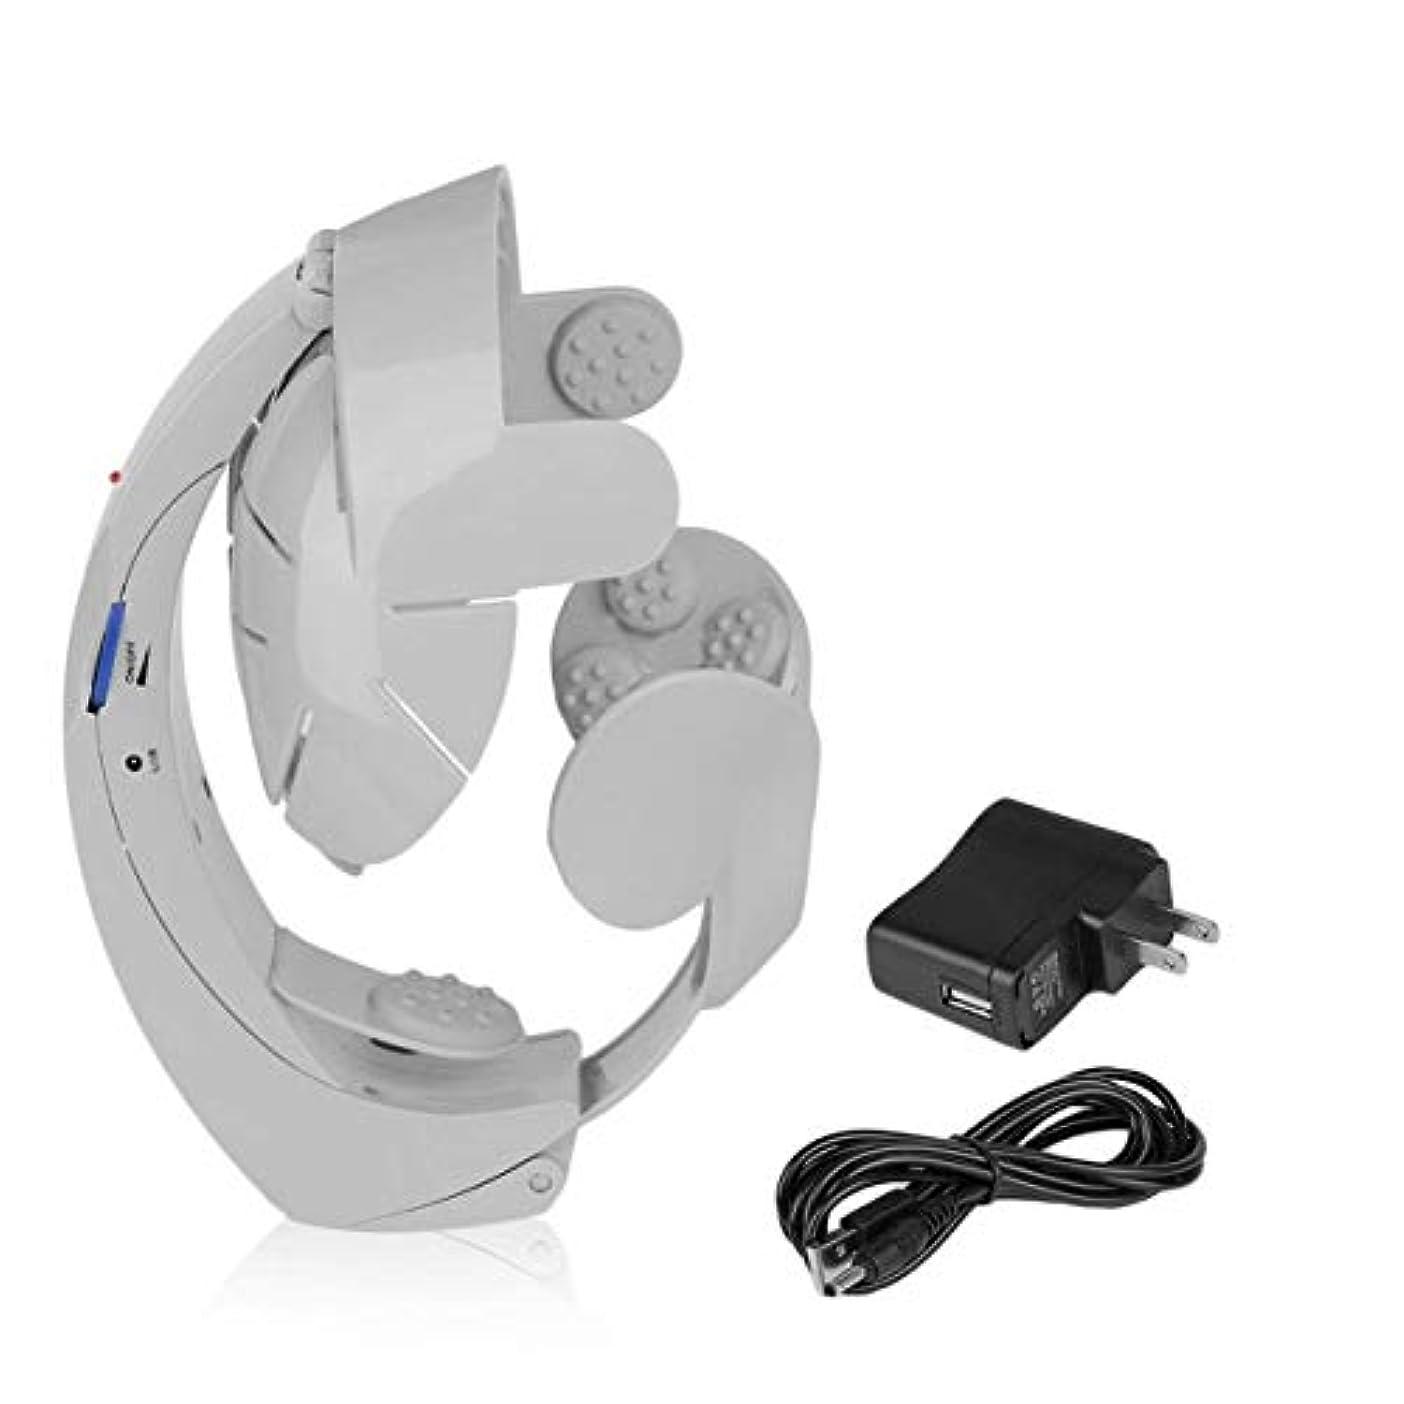 食堂損失日帰り旅行にヒューマノイドデザイン電動ヘッドマッサージ脳のマッサージリラックス簡単な鍼治療ファッションスタイルヘルスケアサプライ